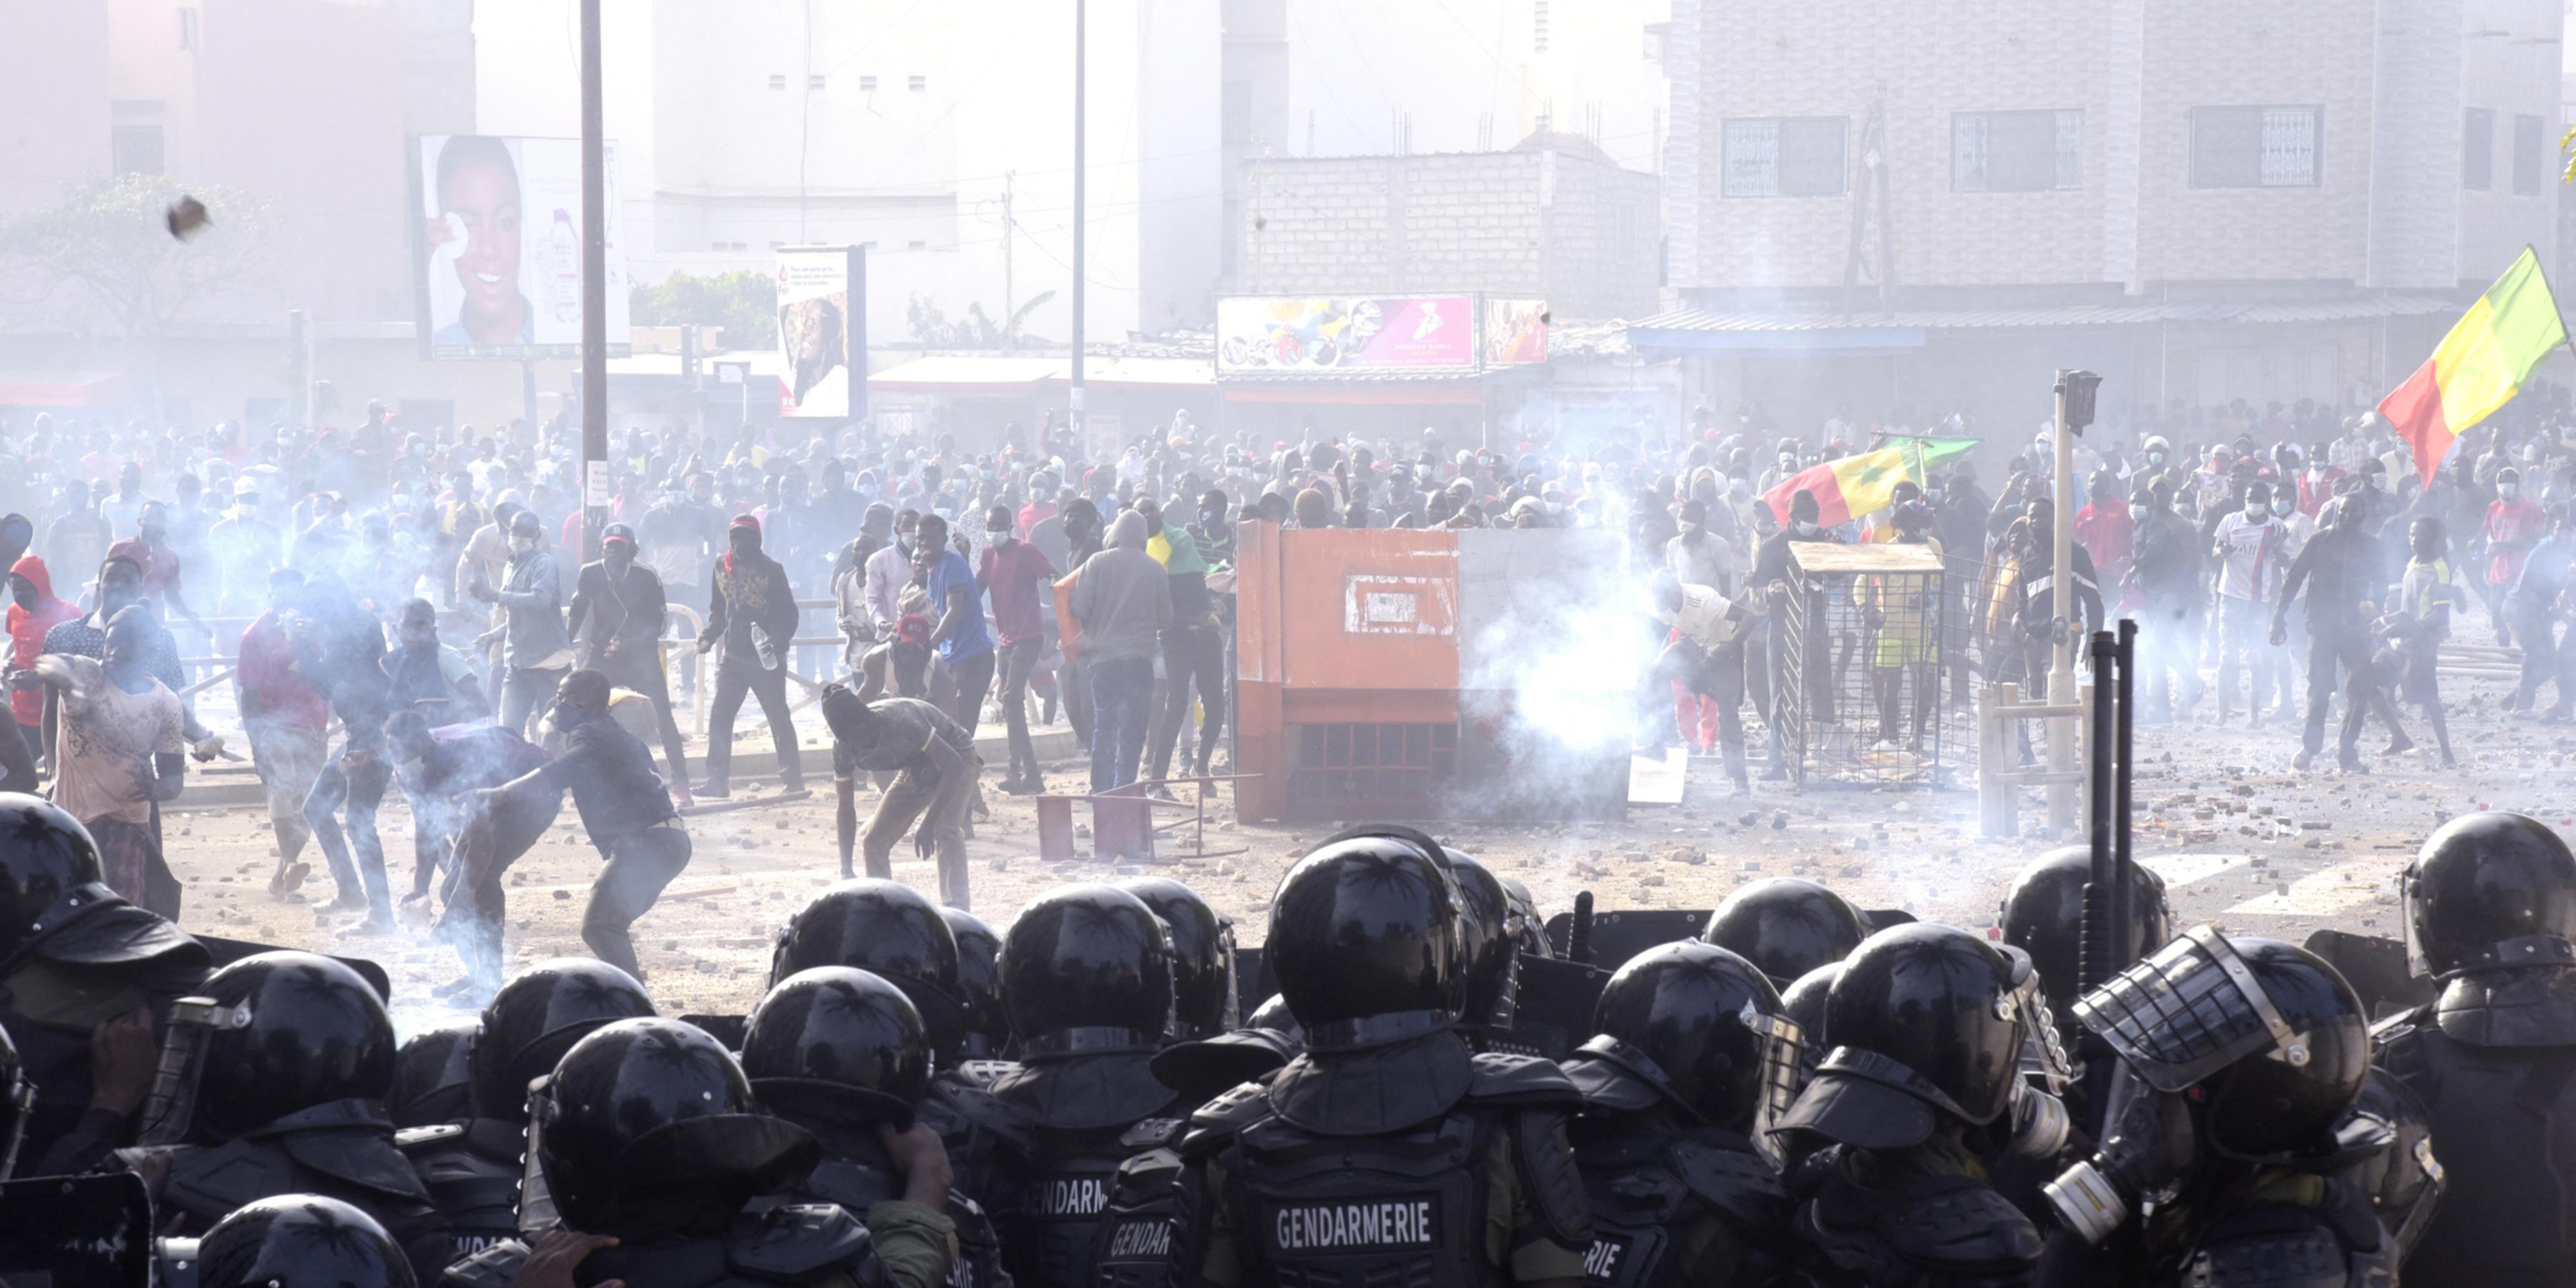 Sénégal : après plusieurs jours de troubles, la contestation appelle à de  nouvelles manifestations